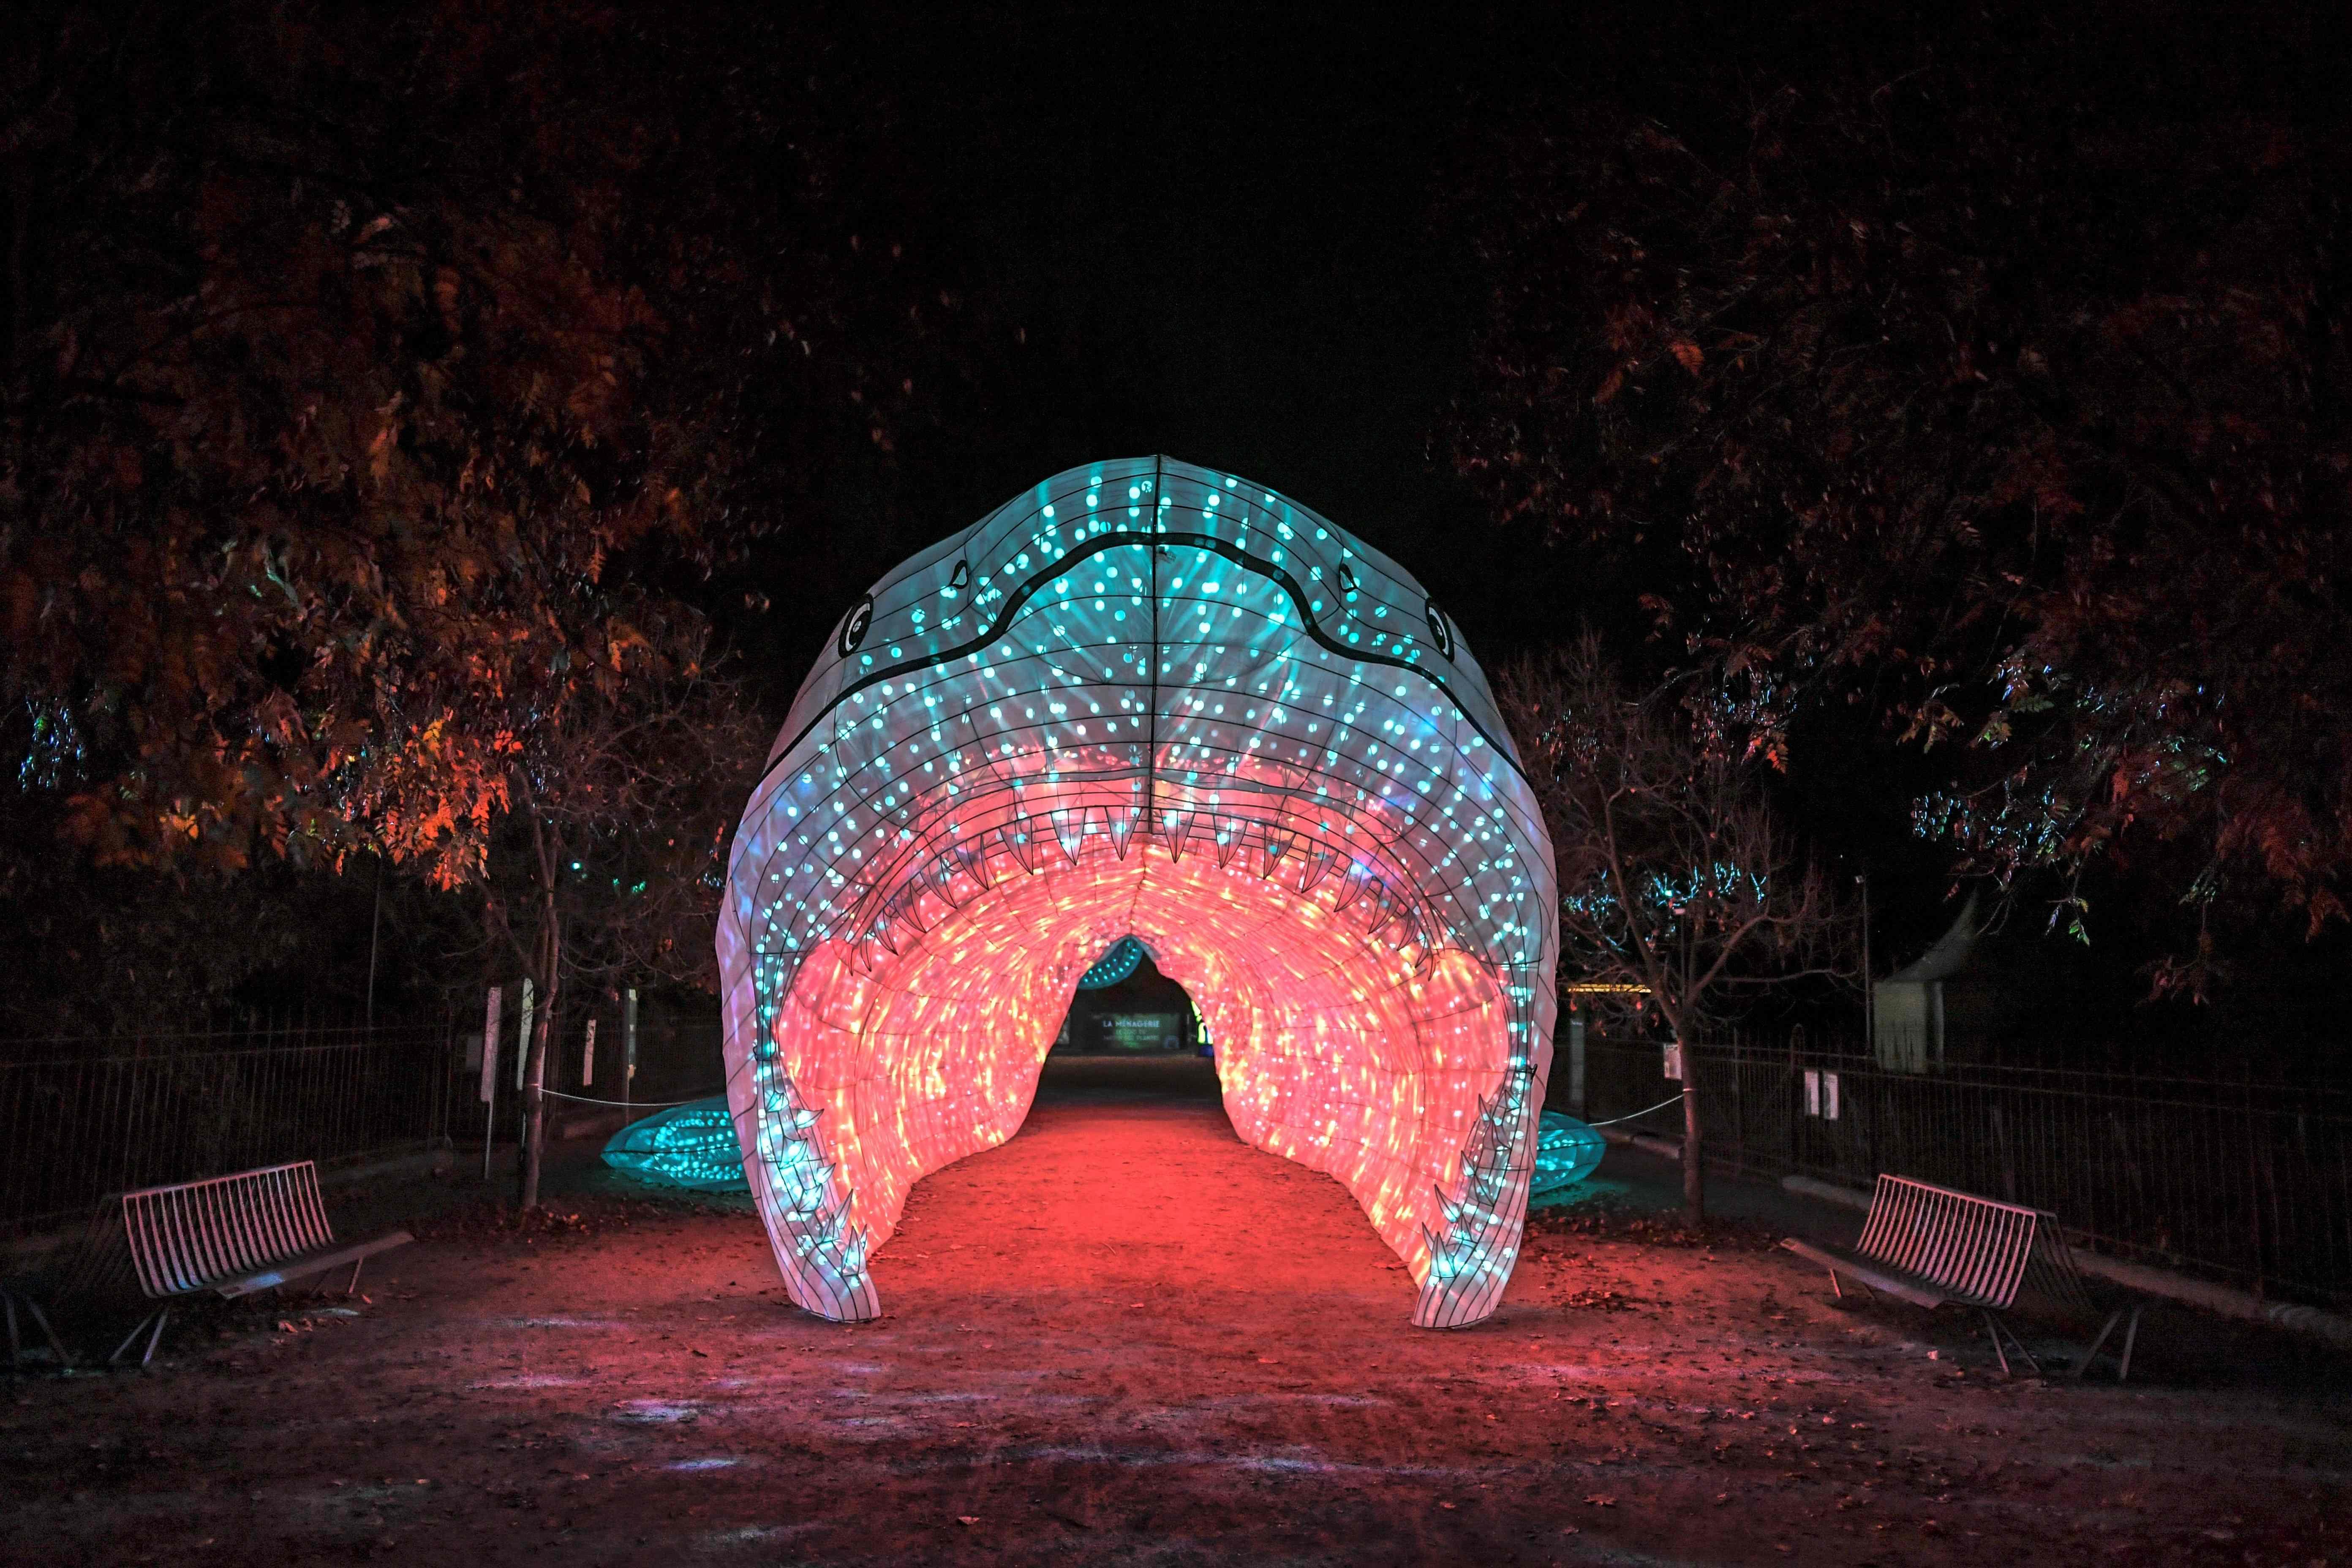 巴黎植物园举办动物主题灯光展